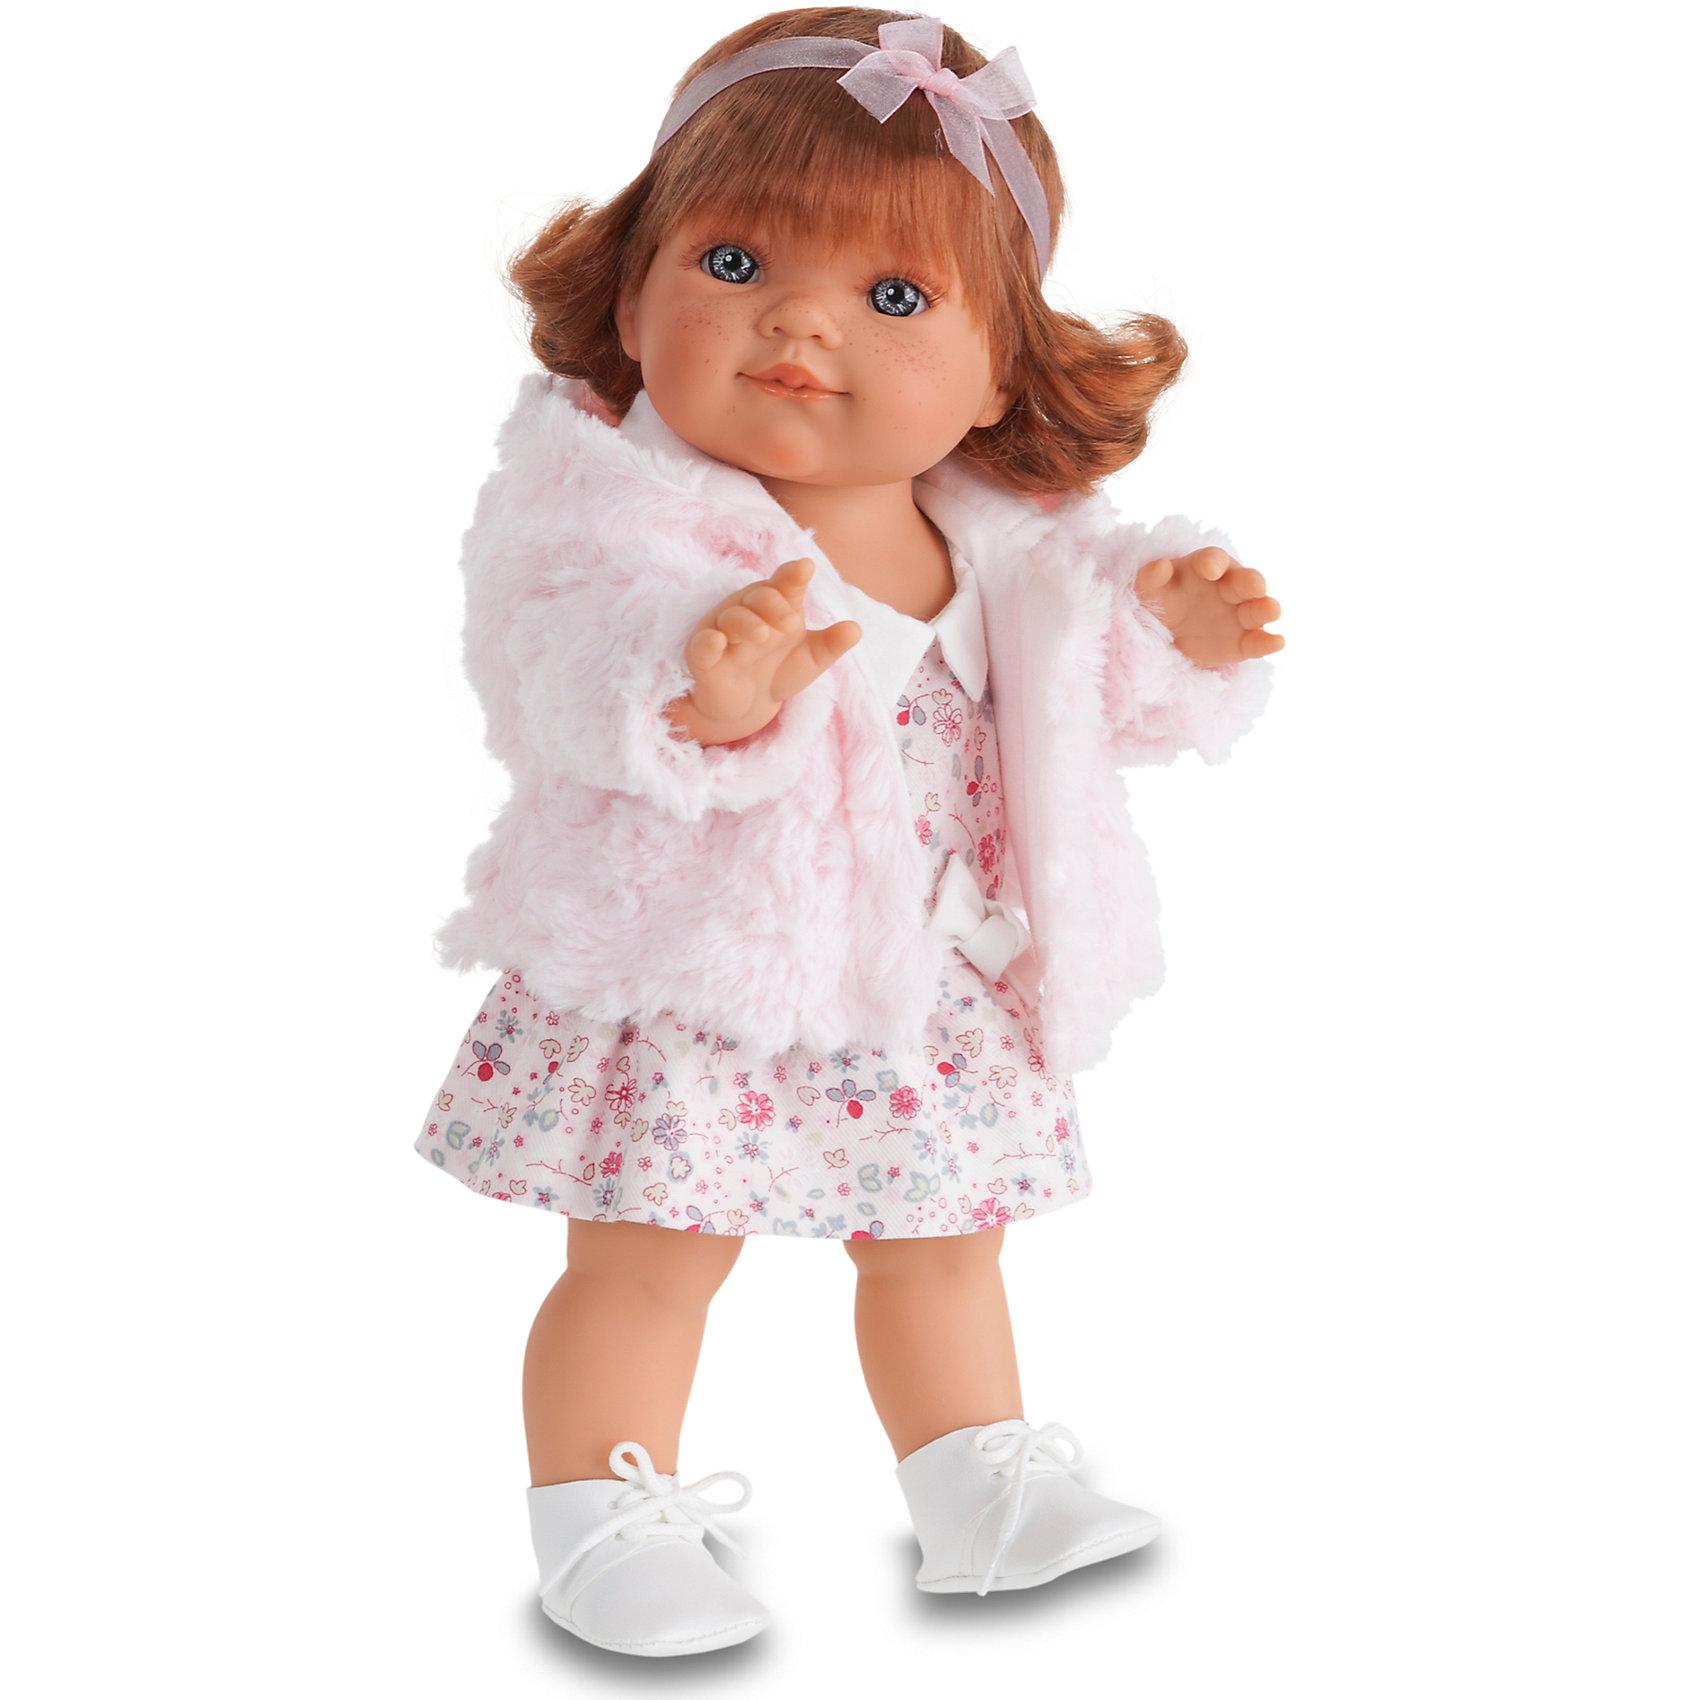 Кукла Клаудия, 38 см, Munecas Antonio JuanКукла Клаудия, 38 см, Munecas Antonio Juan (Мунекас Антонио Хуан) - эта очаровательная малышка покорит и детей, и родителей.<br>Кукла Клаудия от испанского производителя Мунекас Антонио Хуан выглядит как настоящая девочка, а ее трогательный внешний вид вызывает только самые положительные и добрые эмоции .Эта чудесная милая малышка станет любимицей Вашей девочки и будет воспитывать в ней доброту, внимание и заботу. У куклы-девочки очаровательное детское лицо, выполненное с тщательной прорисовкой деталей. Выразительные глаза обрамлены длинными ресницами. Ее густые шелковистые волосы перевязаны лентой. Их легко расчесывать и делать различные прически. Кукла одета в стильное светлое платье в мелкий рисунок, пушистую кофточку, на ногах у нее туфельки. У куклы подвижны руки, ноги и голова. Изготовлена из высококачественного винила. Образы малышей Мунекас разработаны известными европейскими дизайнерами. Они натуралистичны, анатомически точны.<br><br>Дополнительная информация:<br><br>- Глаза куклы не закрываются<br>- Высоты куклы: 38 см.<br>- Материал: винил, текстиль<br><br>Куклу Клаудия, 38 см, Munecas Antonio Juan (Мунекас Антонио Хуан) можно купить в нашем интернет-магазине.<br><br>Ширина мм: 440<br>Глубина мм: 245<br>Высота мм: 120<br>Вес г: 650<br>Возраст от месяцев: 36<br>Возраст до месяцев: 84<br>Пол: Женский<br>Возраст: Детский<br>SKU: 4201314